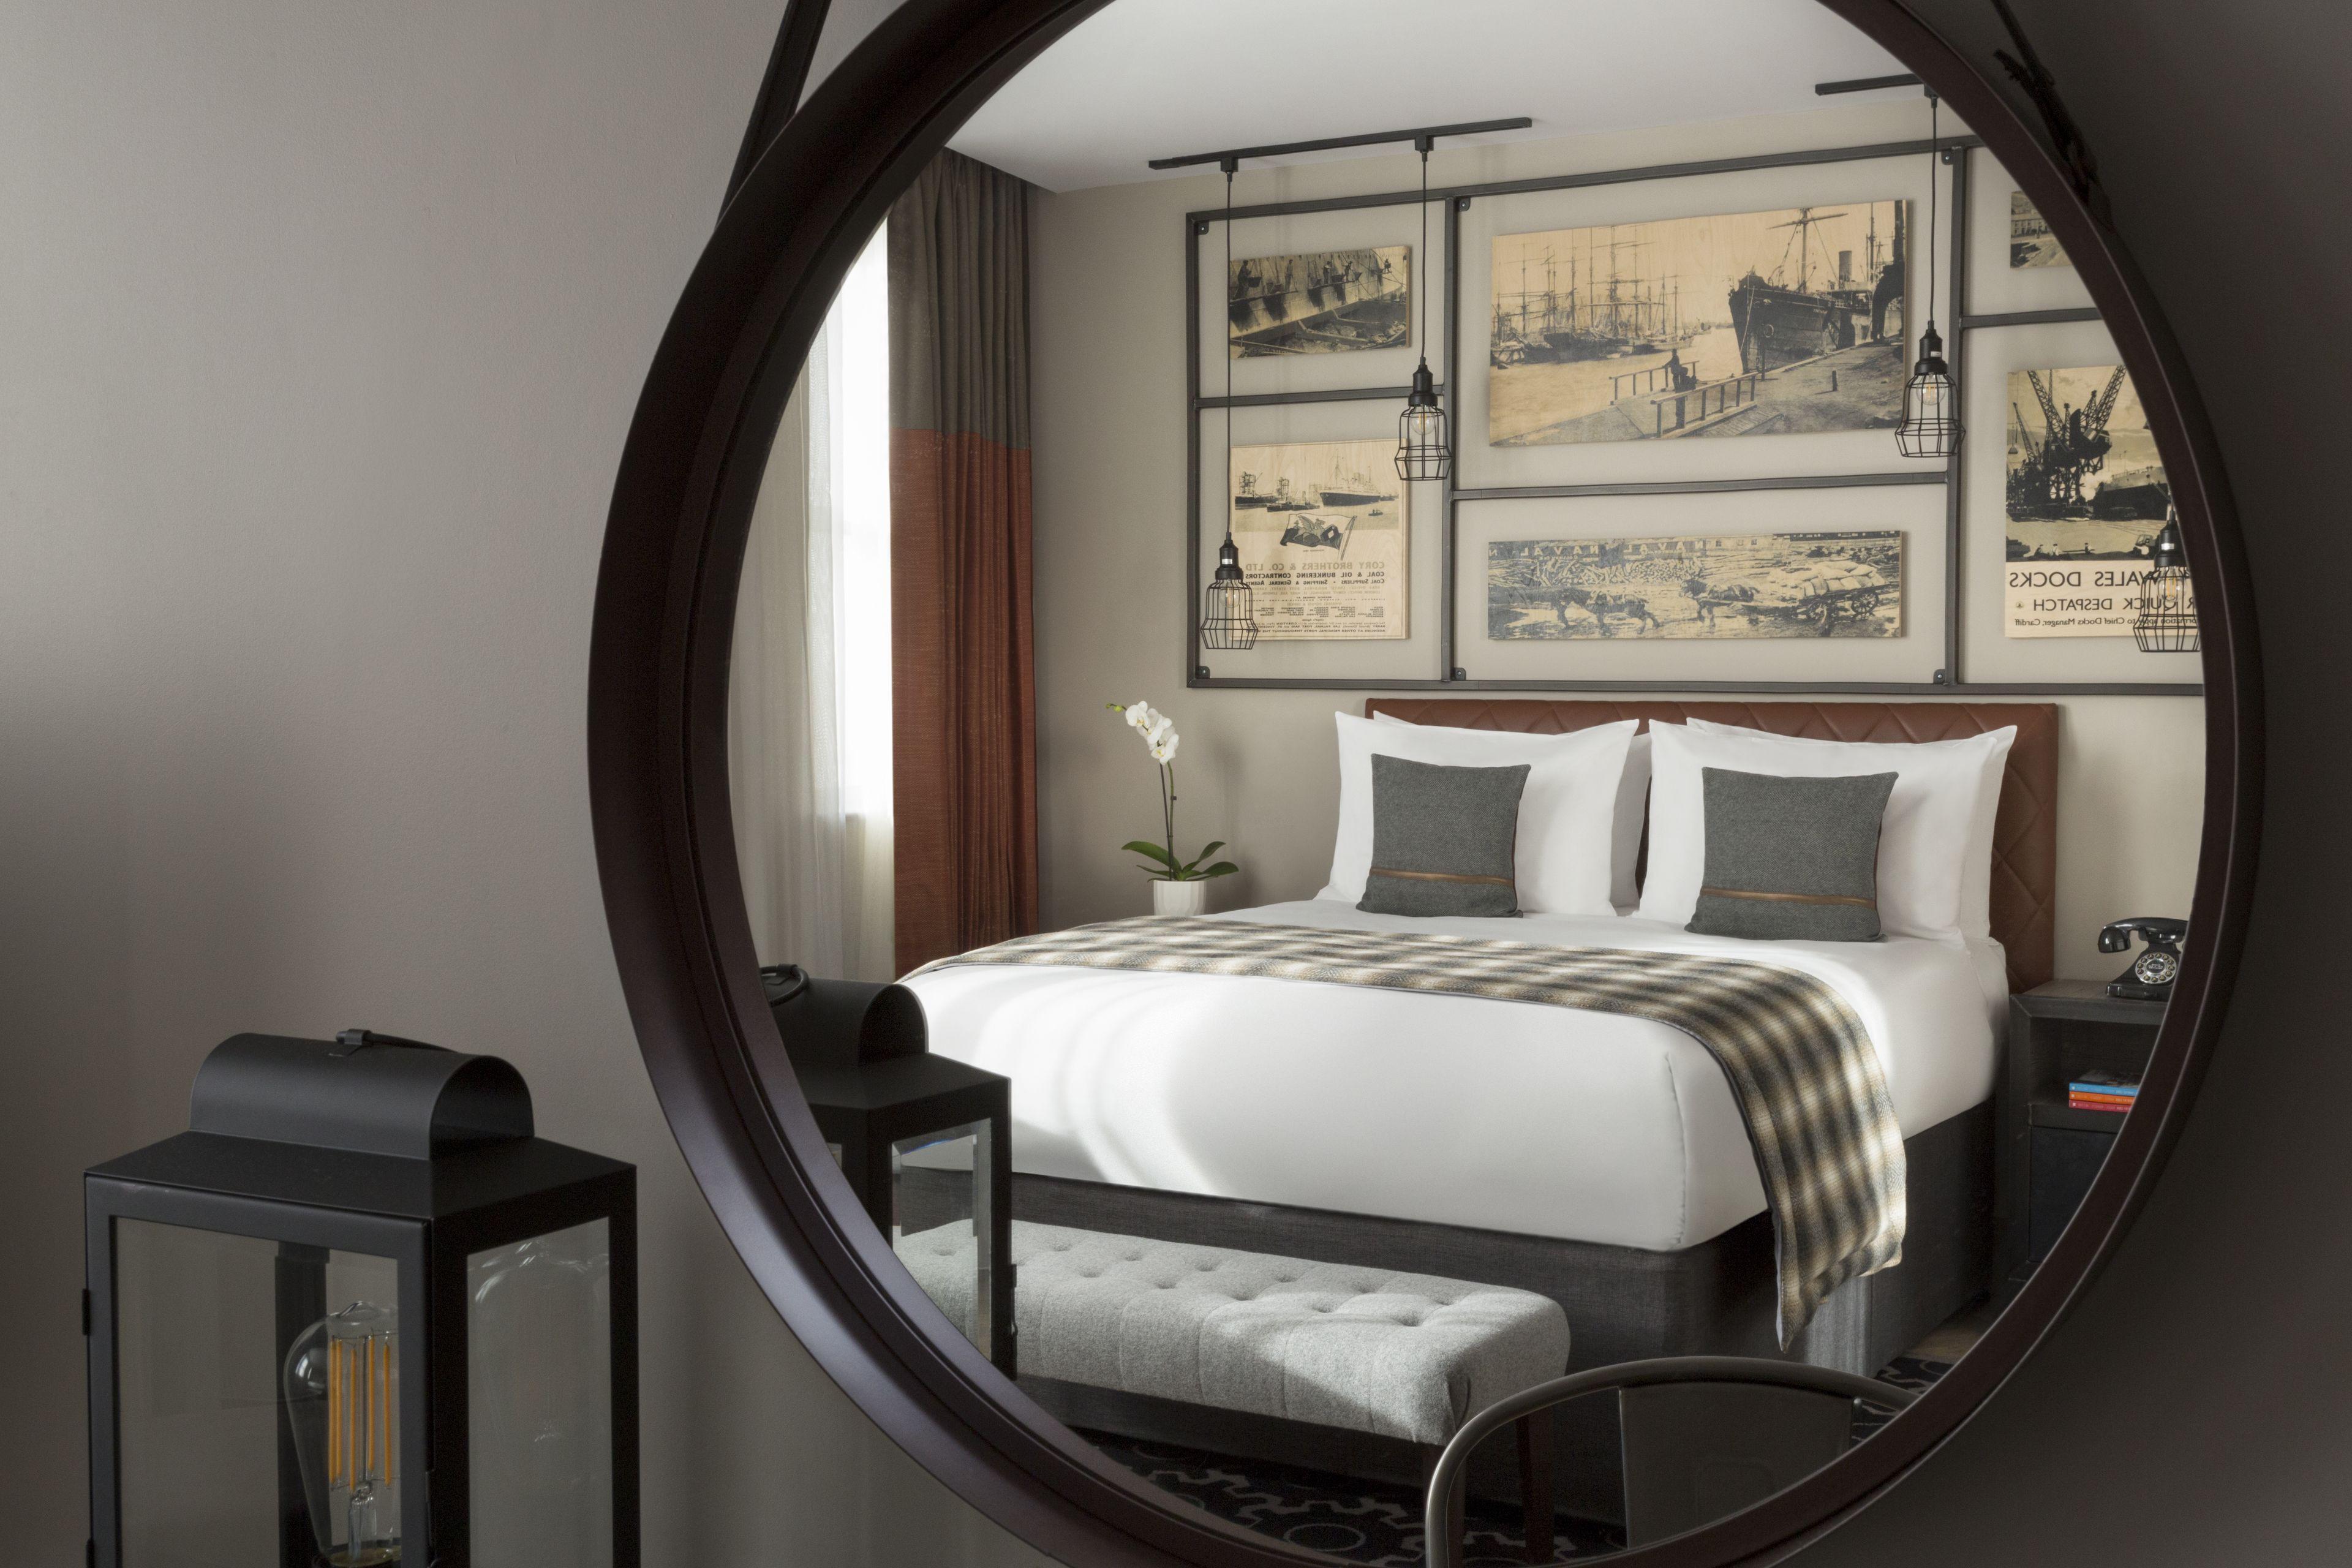 Courtesy of Hotel Indigo / Expedia